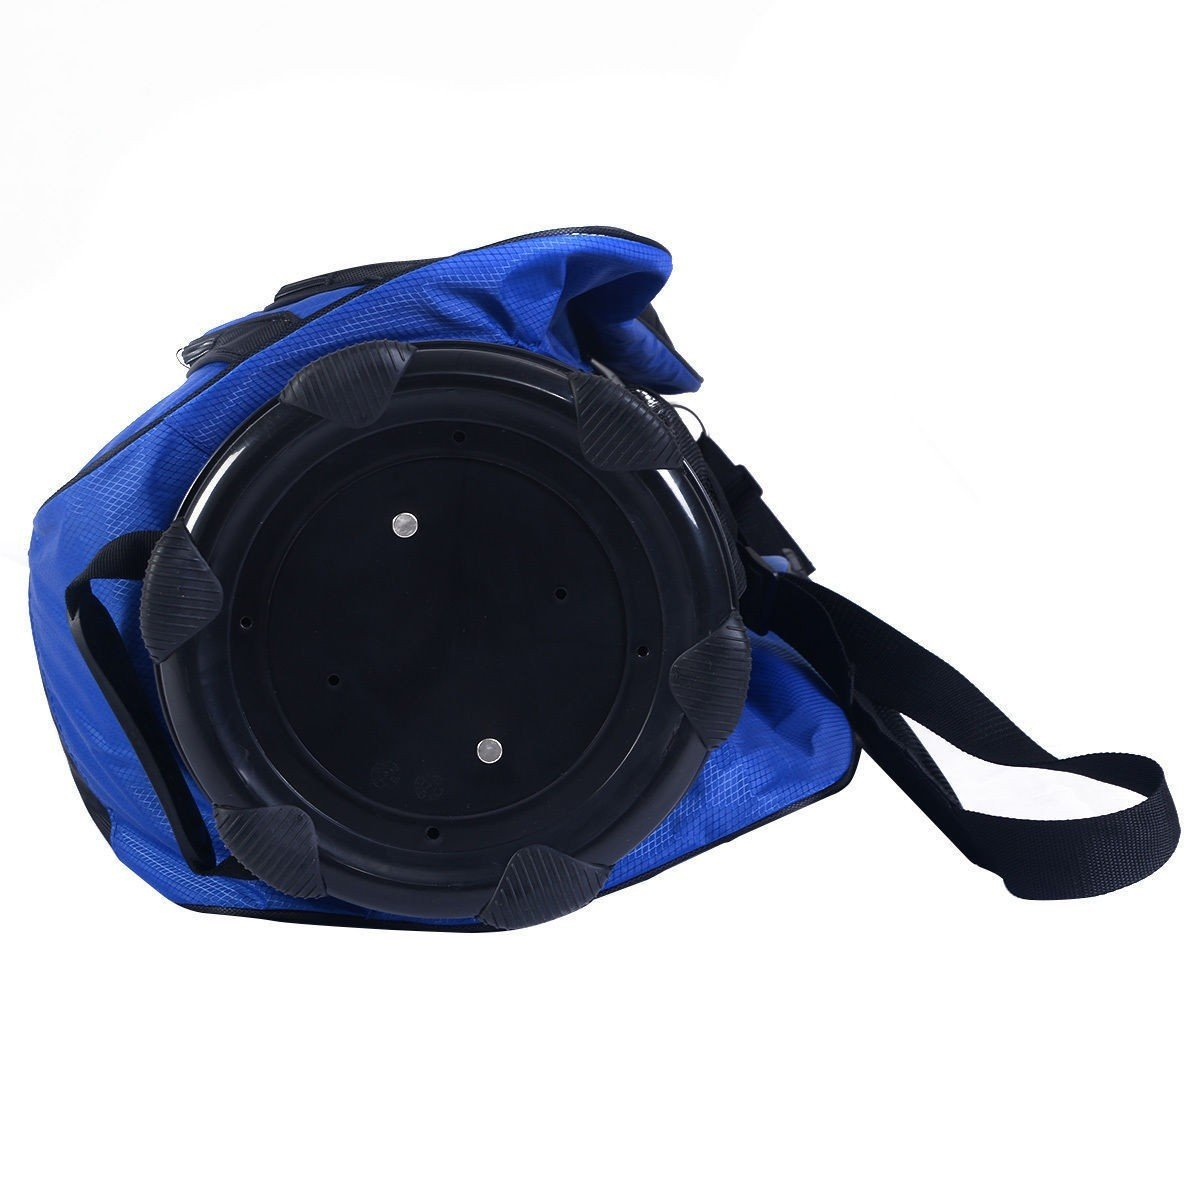 2016 Golf Carry Bag 14 Way Divider Lightweight w/Carry Belt Blk&Blue by Apontus